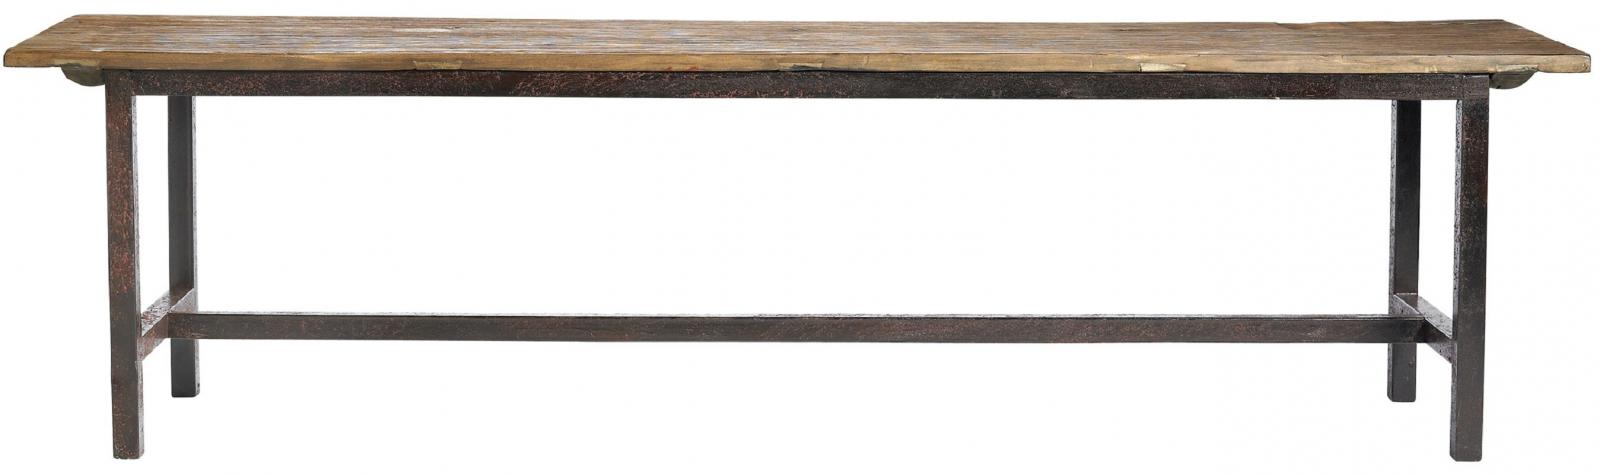 Nordal - Raw Bænk - Længde 170 cm - Natur - bænk